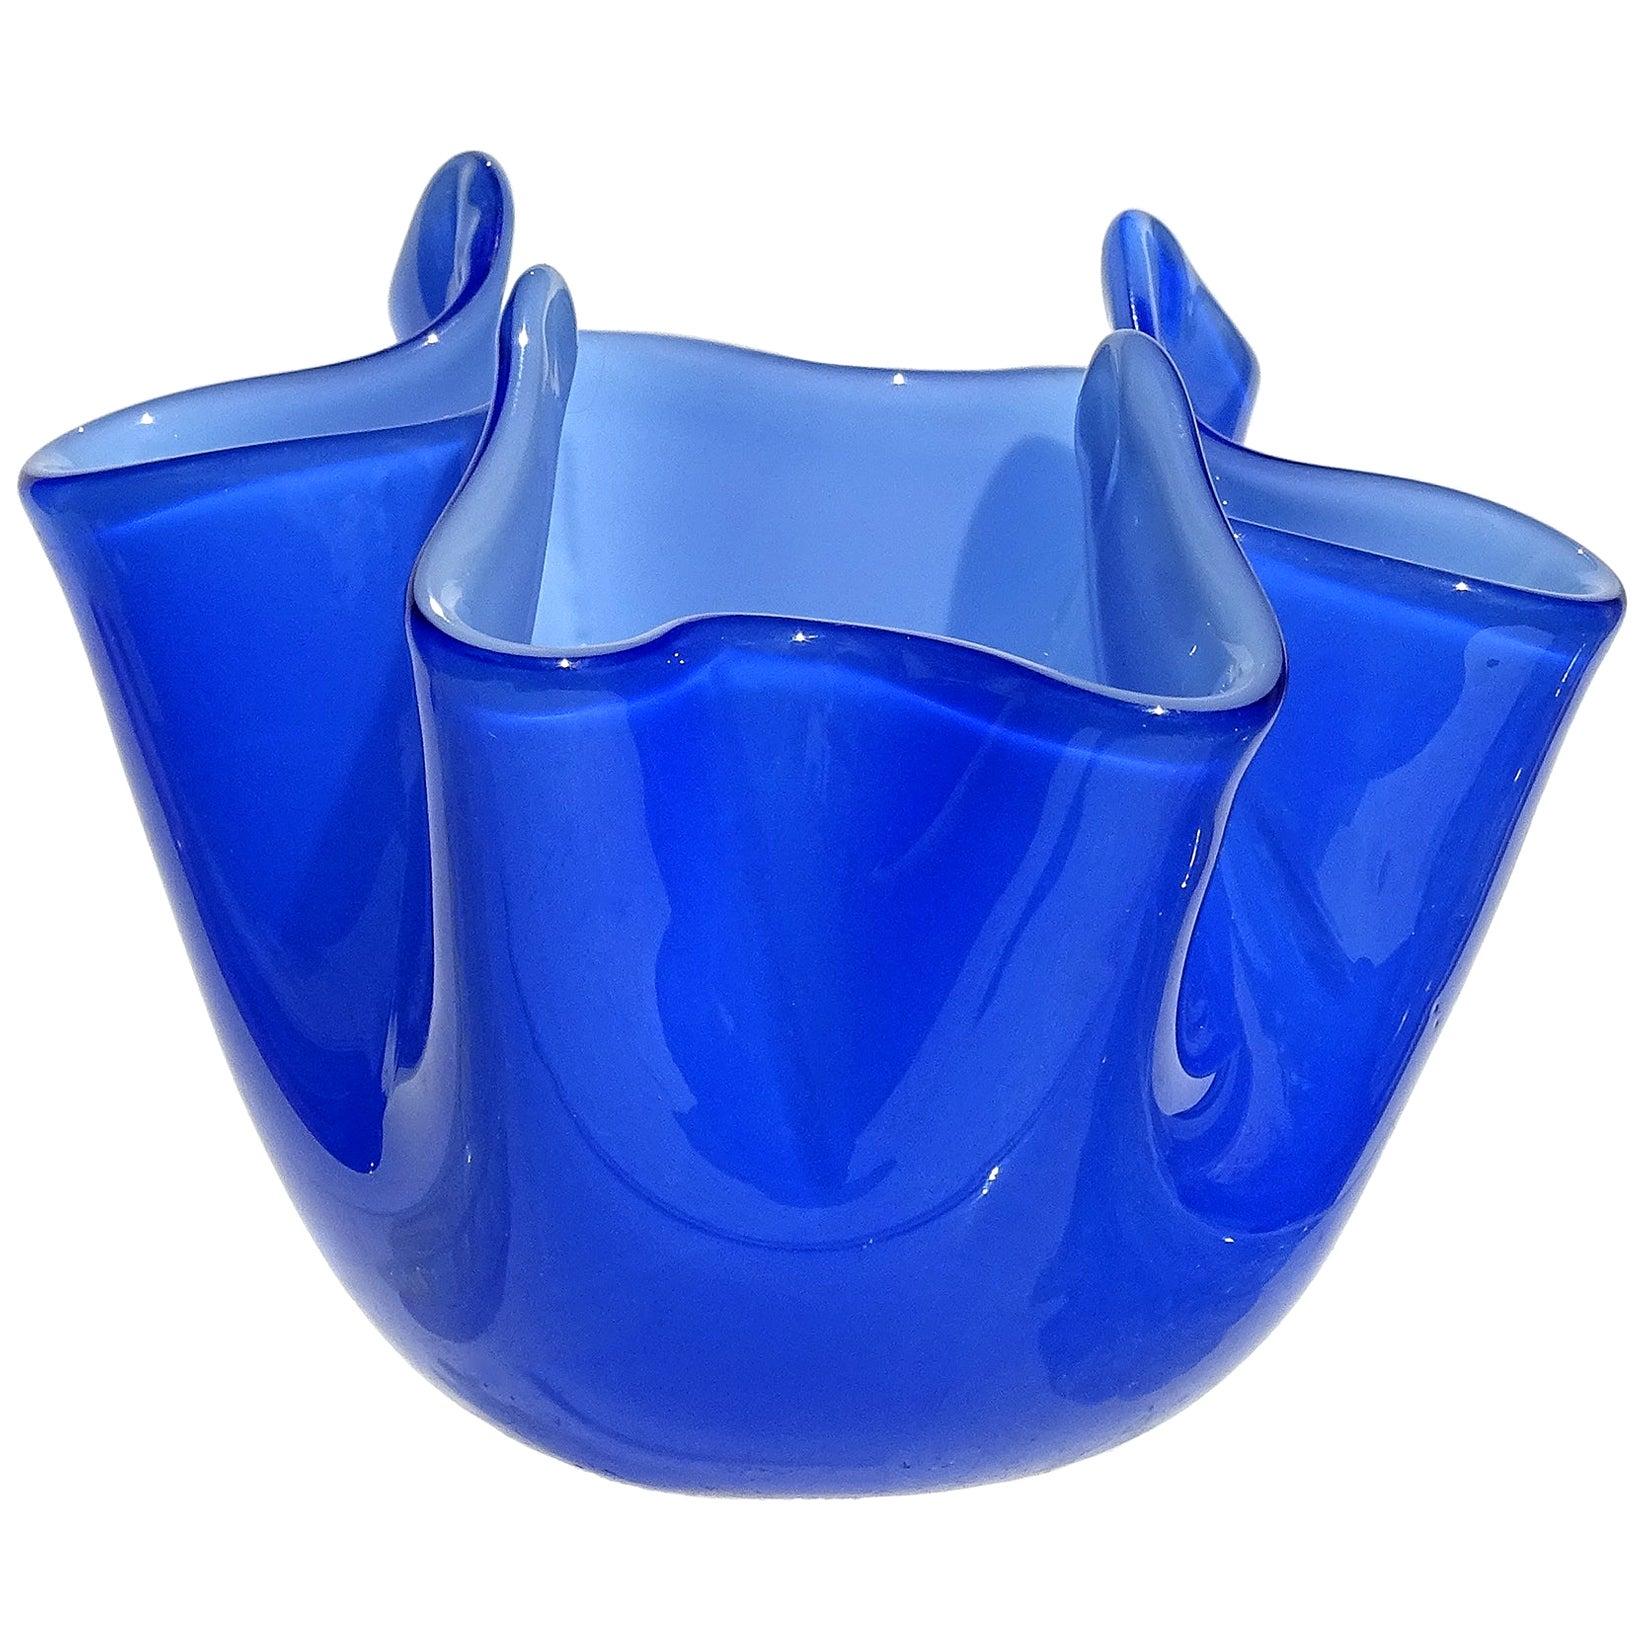 Venini Fulvio Bianconi Murano Blue Incamiciato Italian Art Glass Fazzoletto Vase